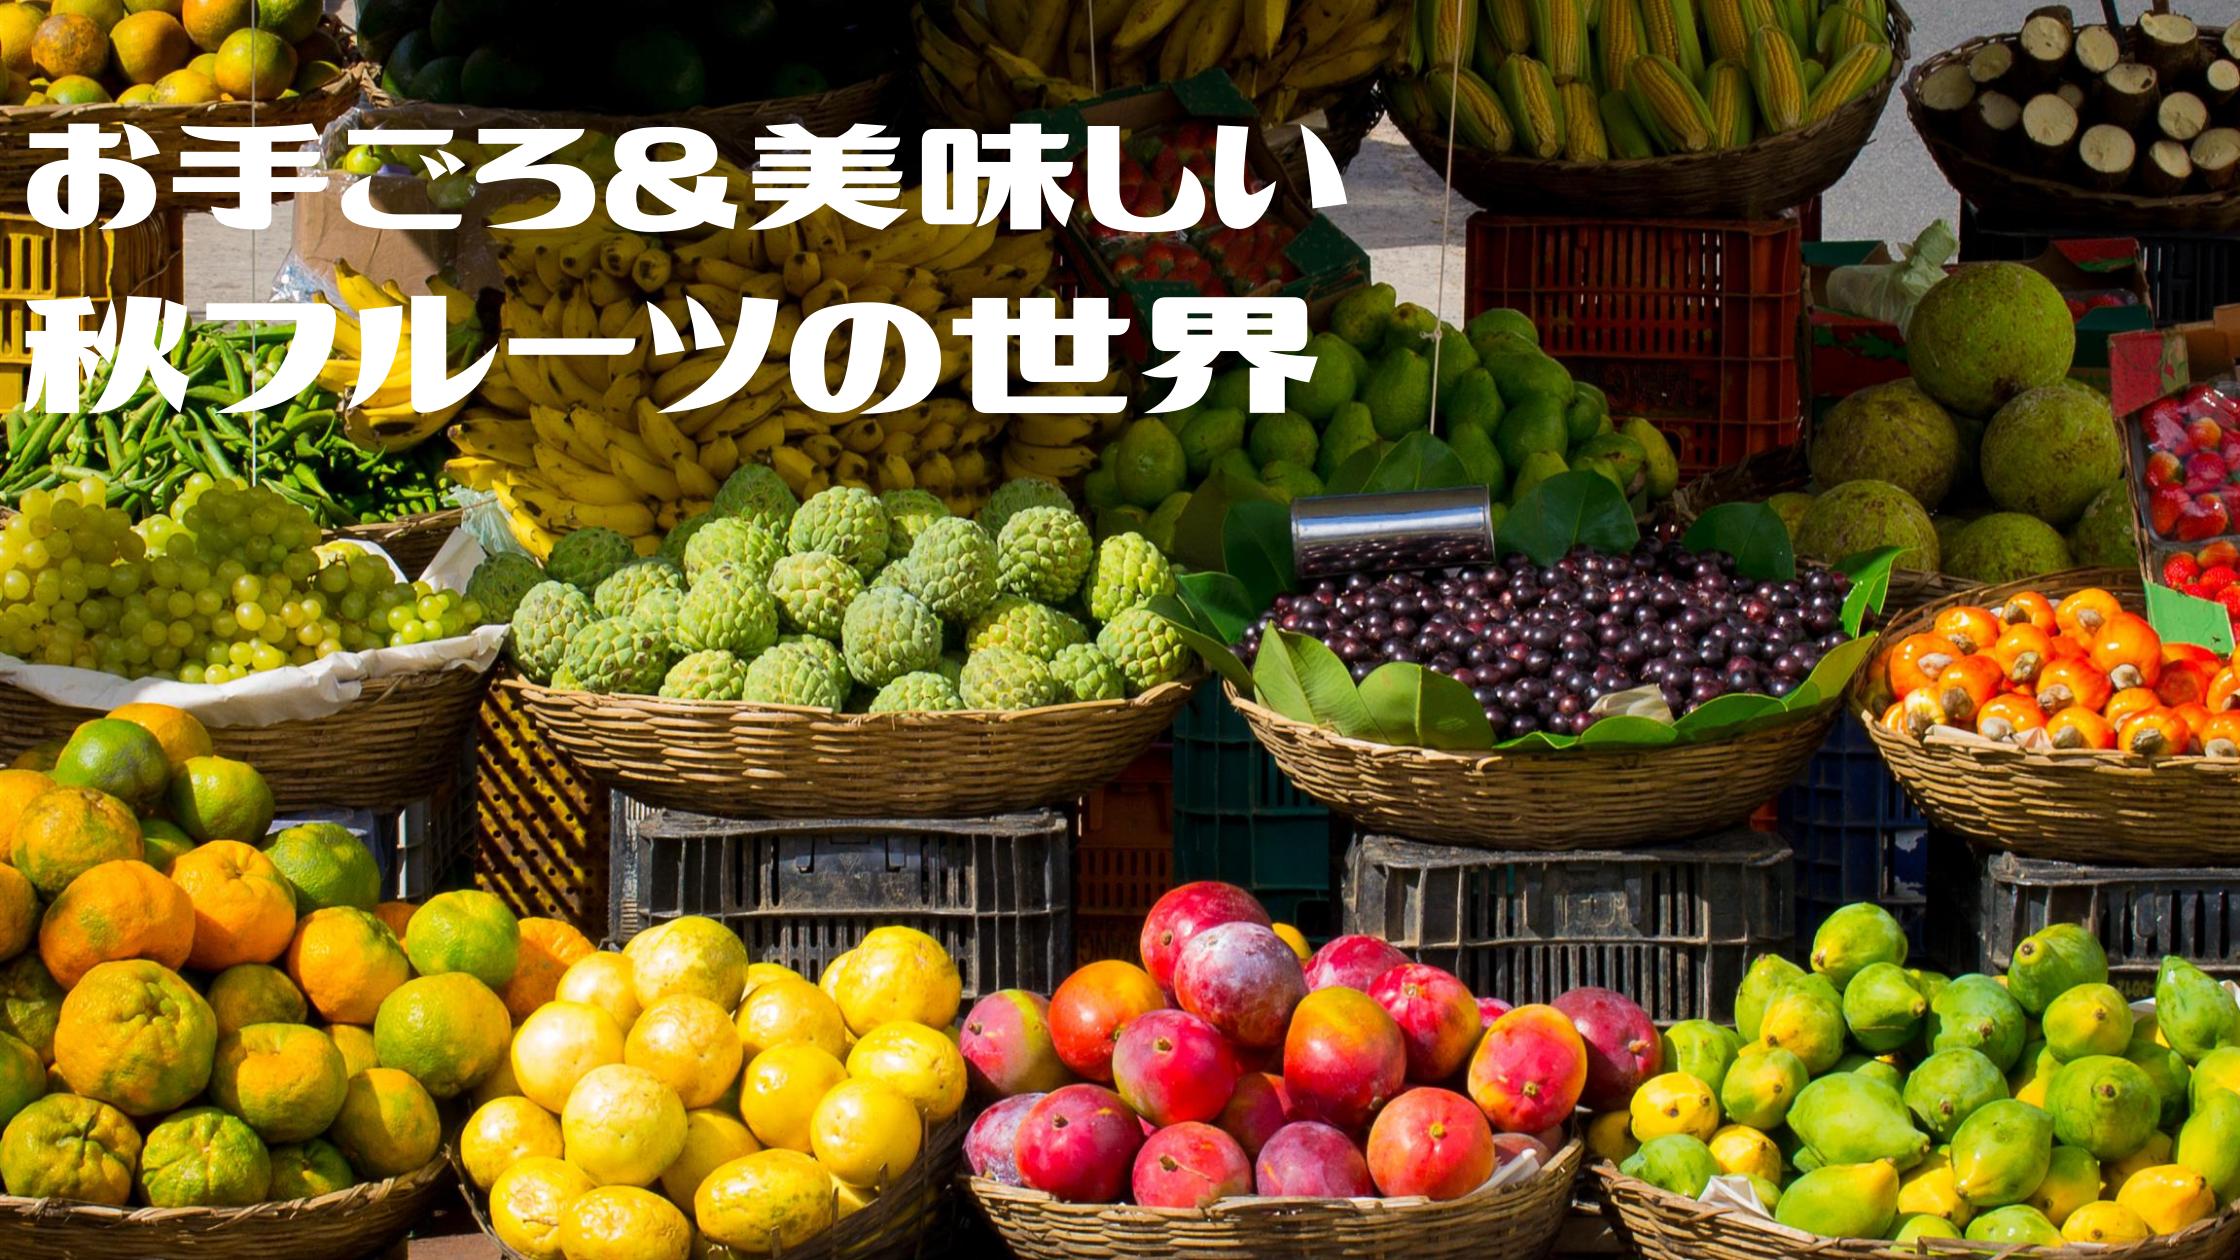 【マツコの知らない世界】栄養満点!秋フルーツの世界